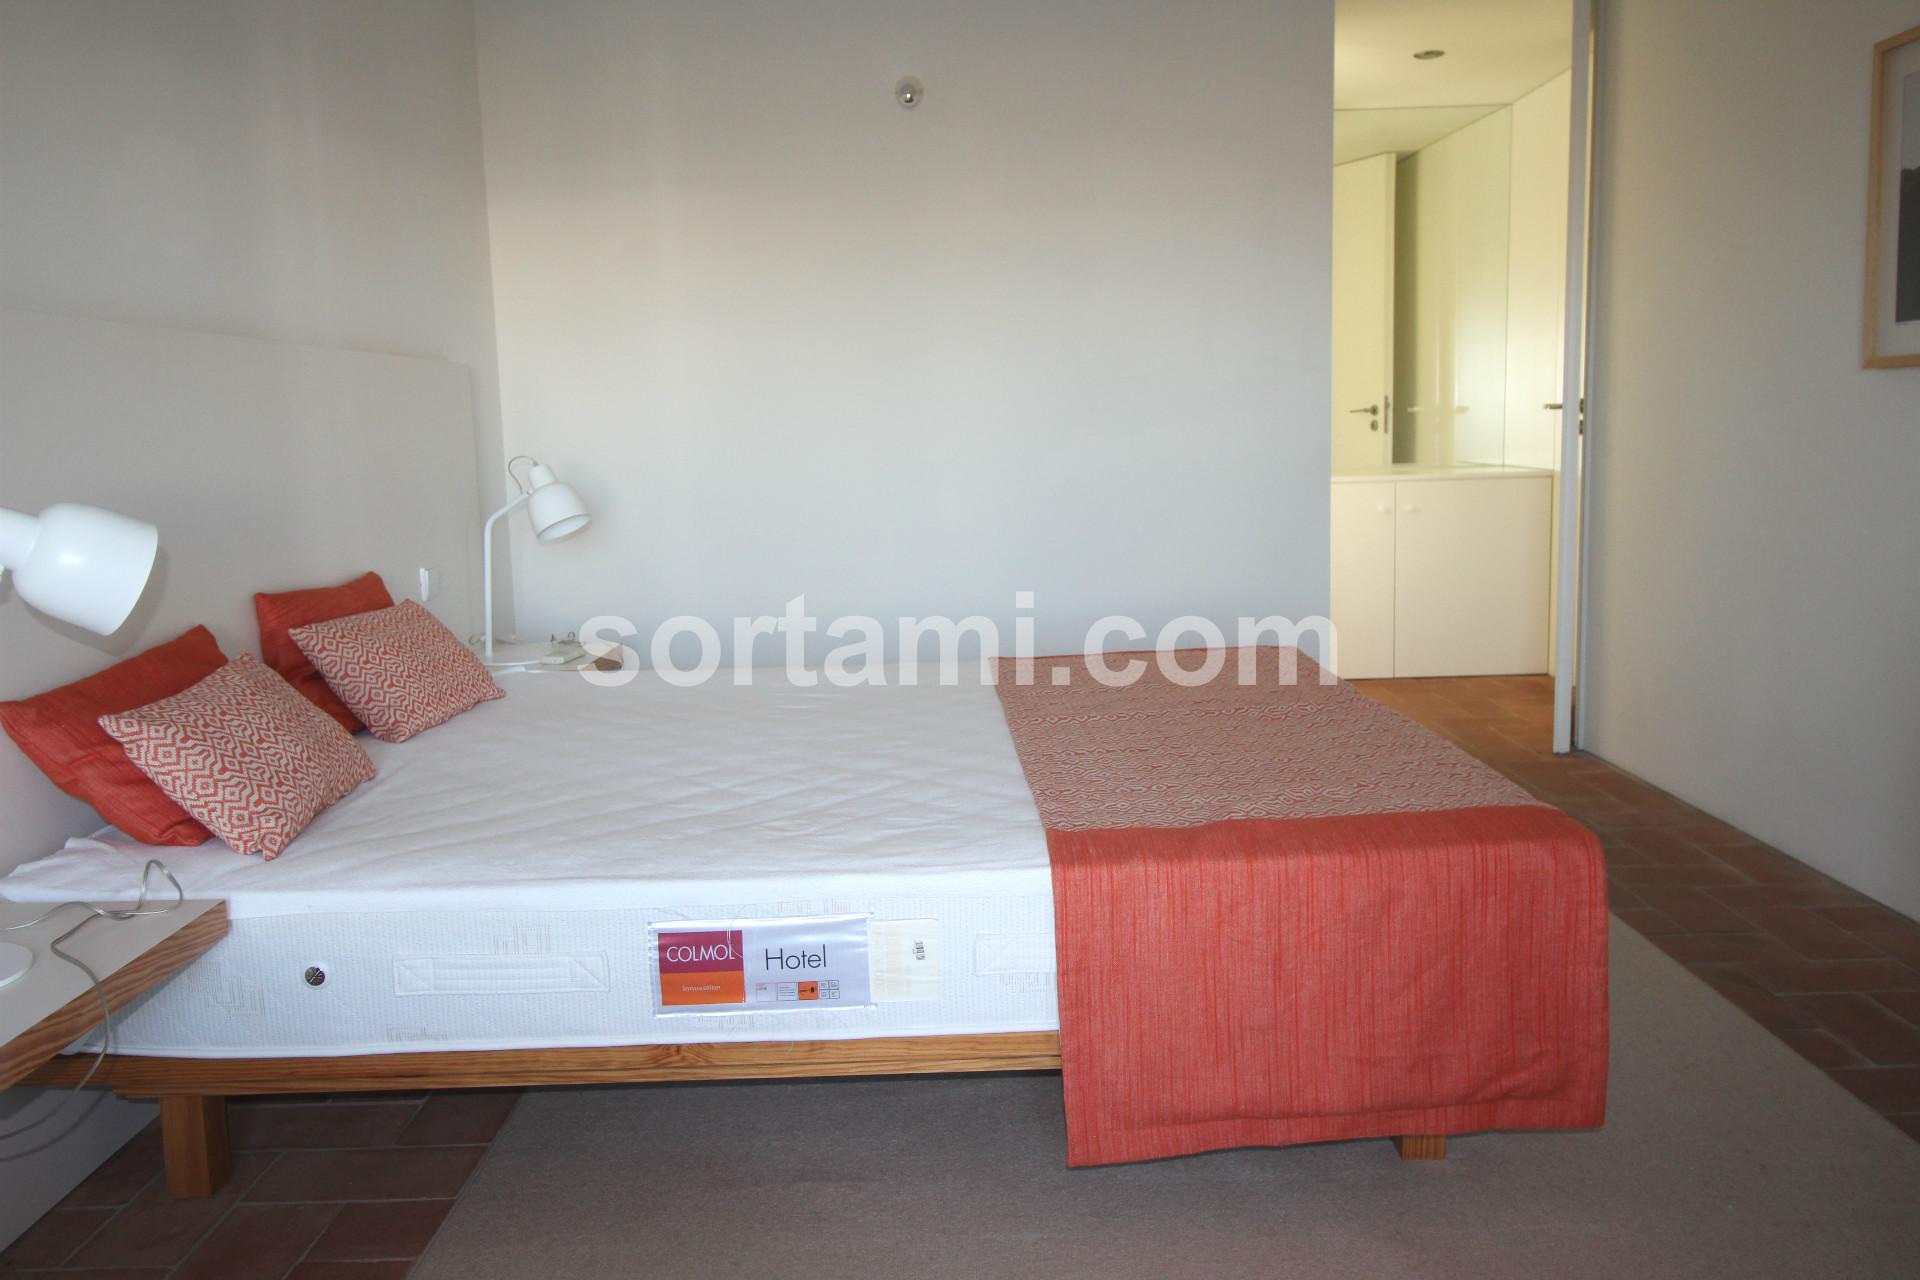 Apartamento T2 Venda em Tavira (Santa Maria e Santiago),Tavira